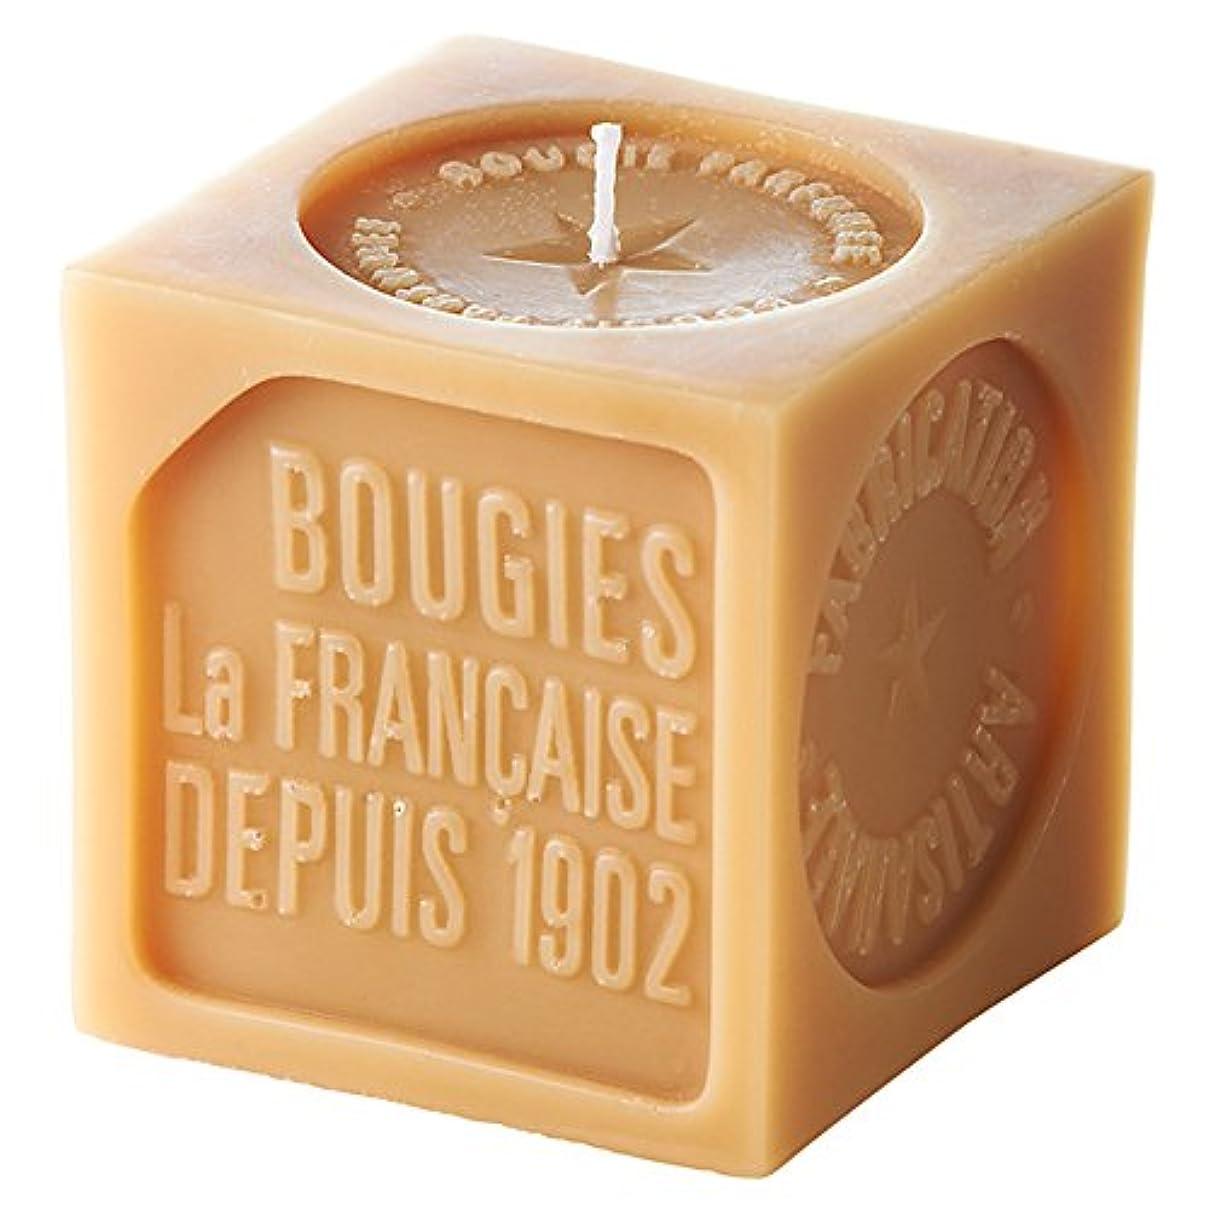 どちらかアラバマタクトブジ?ラ?フランセーズ ソープキャンドル オリーブグリーンの香りフランス製